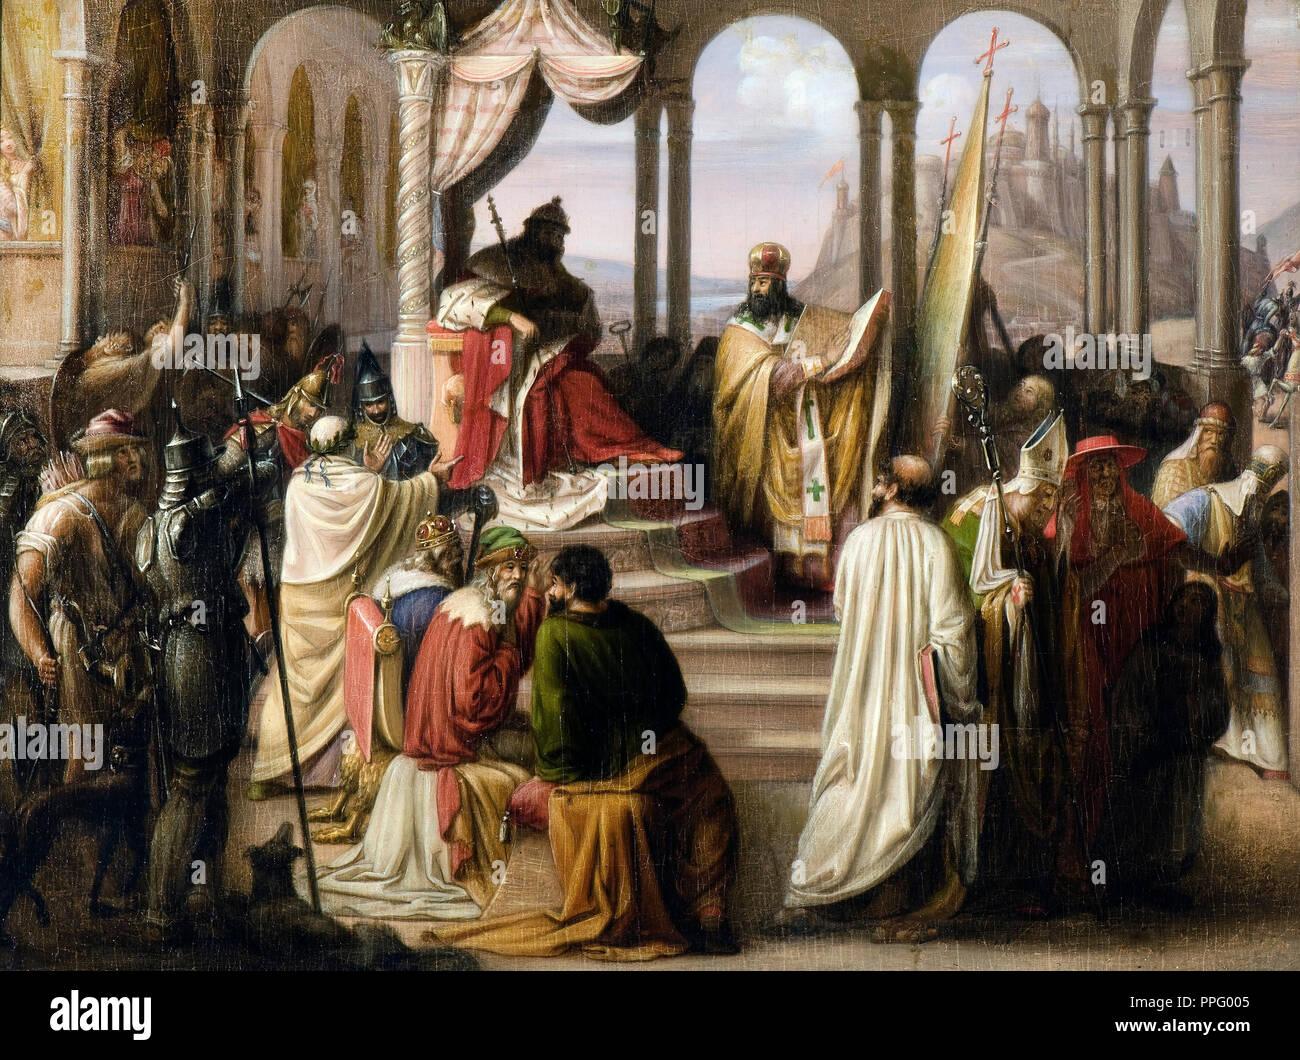 Johann Eggink Leberecht - El Príncipe Vladimir elige una religión en 988. / Una controversia religiosa en la corte rusa. 1822 Óleo sobre lienzo. Nacional de Letonia Imagen De Stock